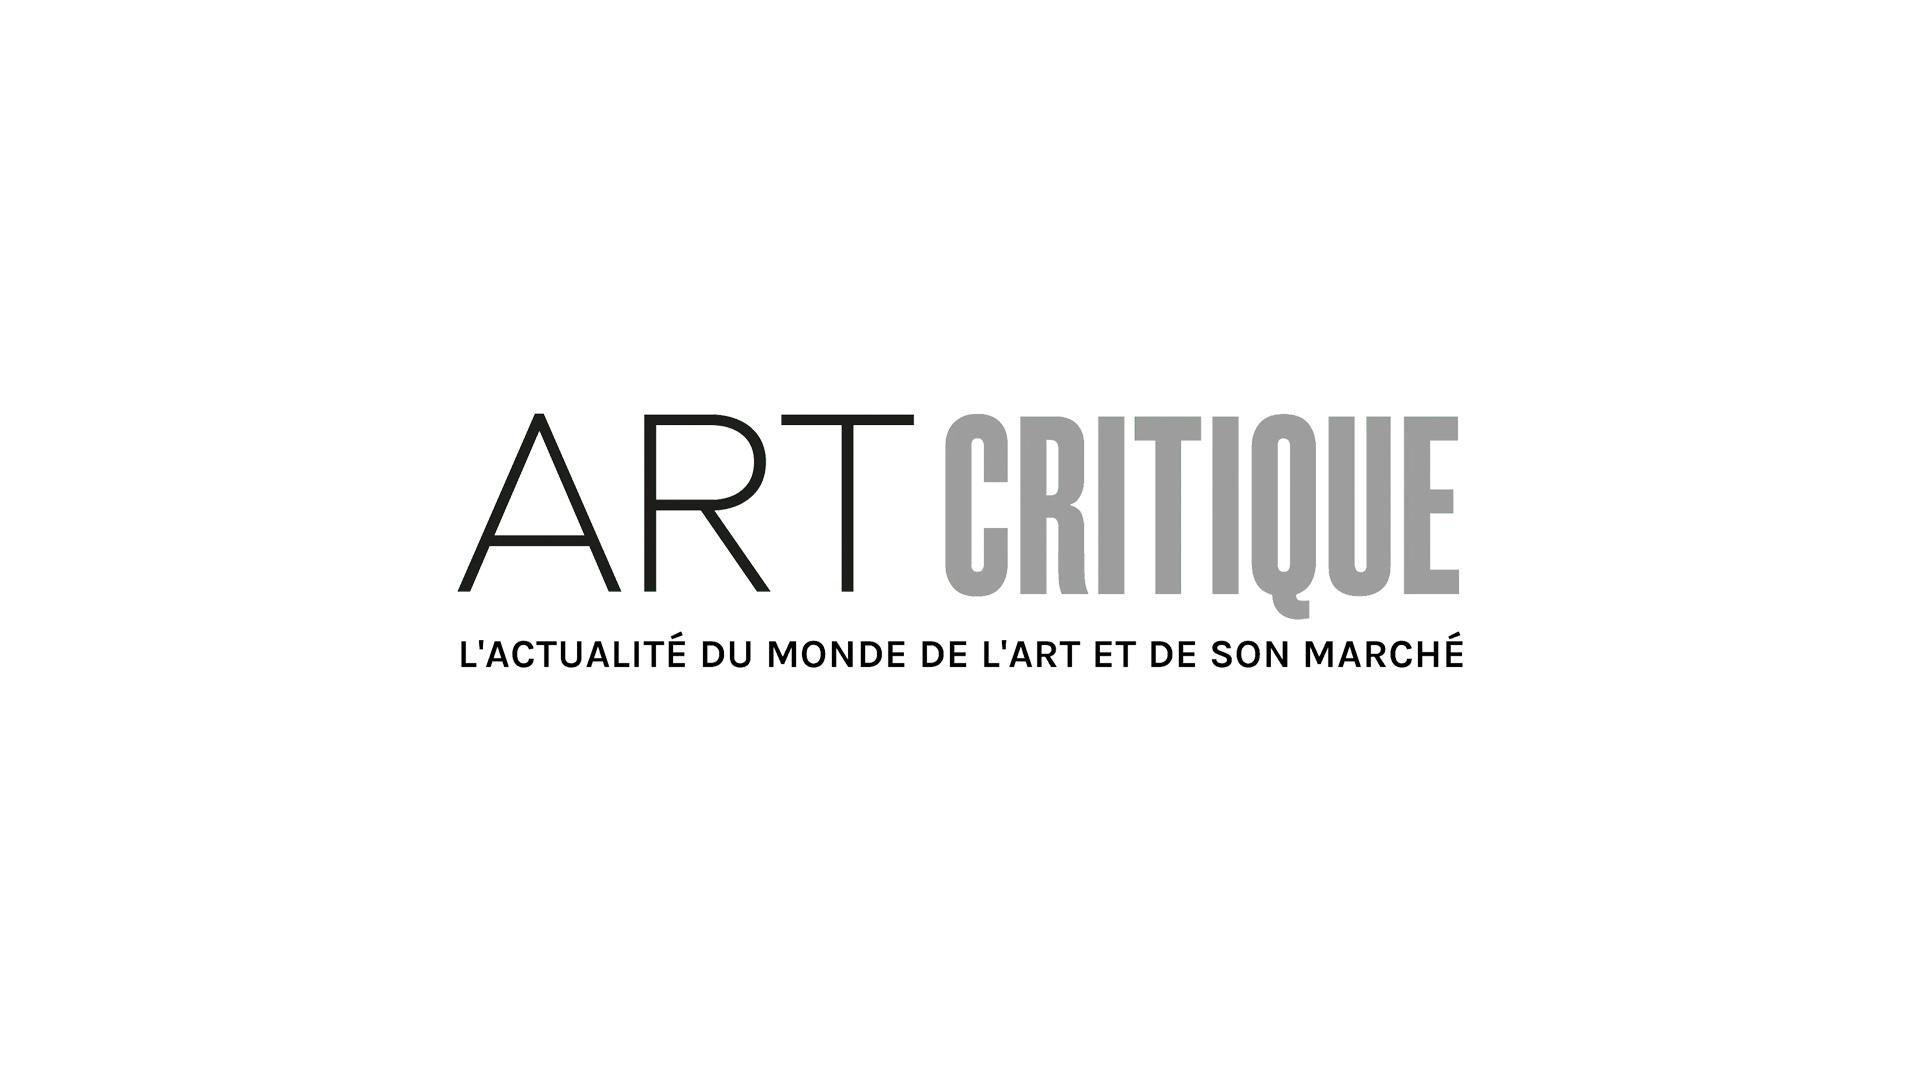 Un hommage à Rol-Tanguy par Giacometti